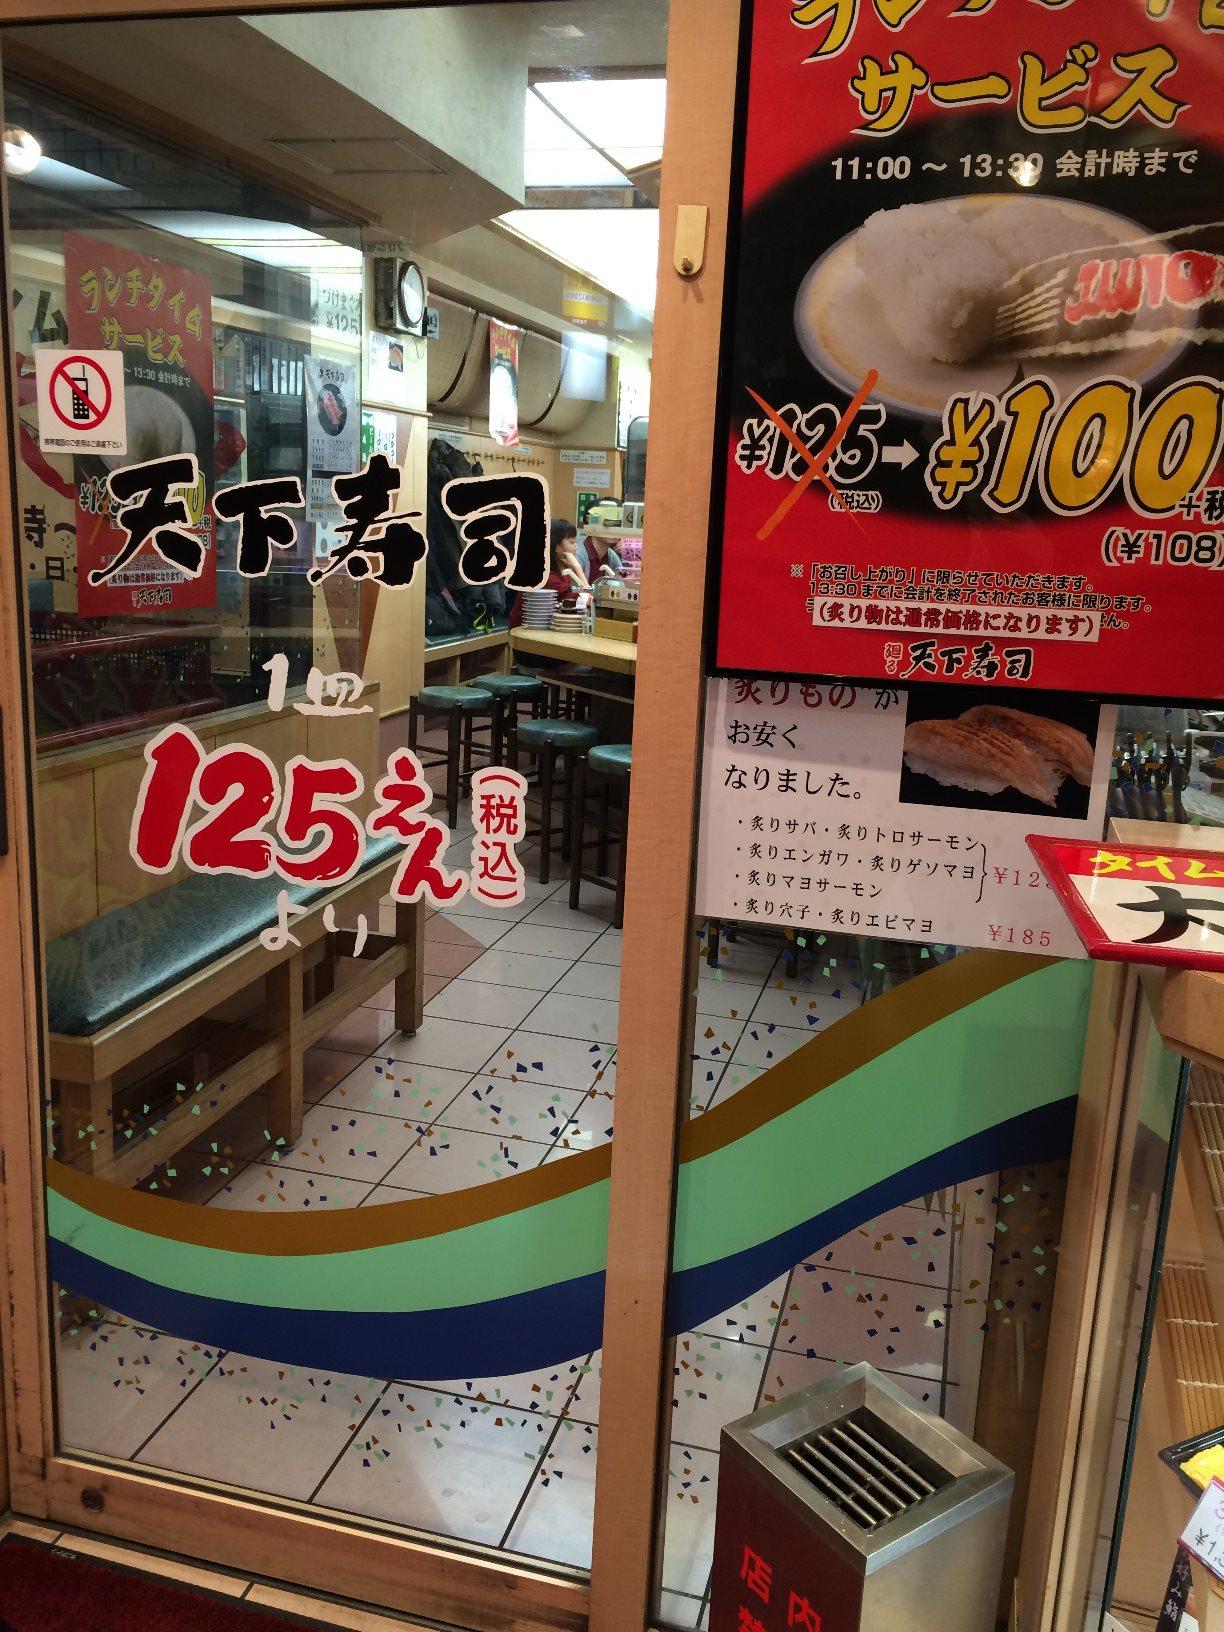 【閉店】天下寿司でさくっと手軽にお寿司を 【下北沢】